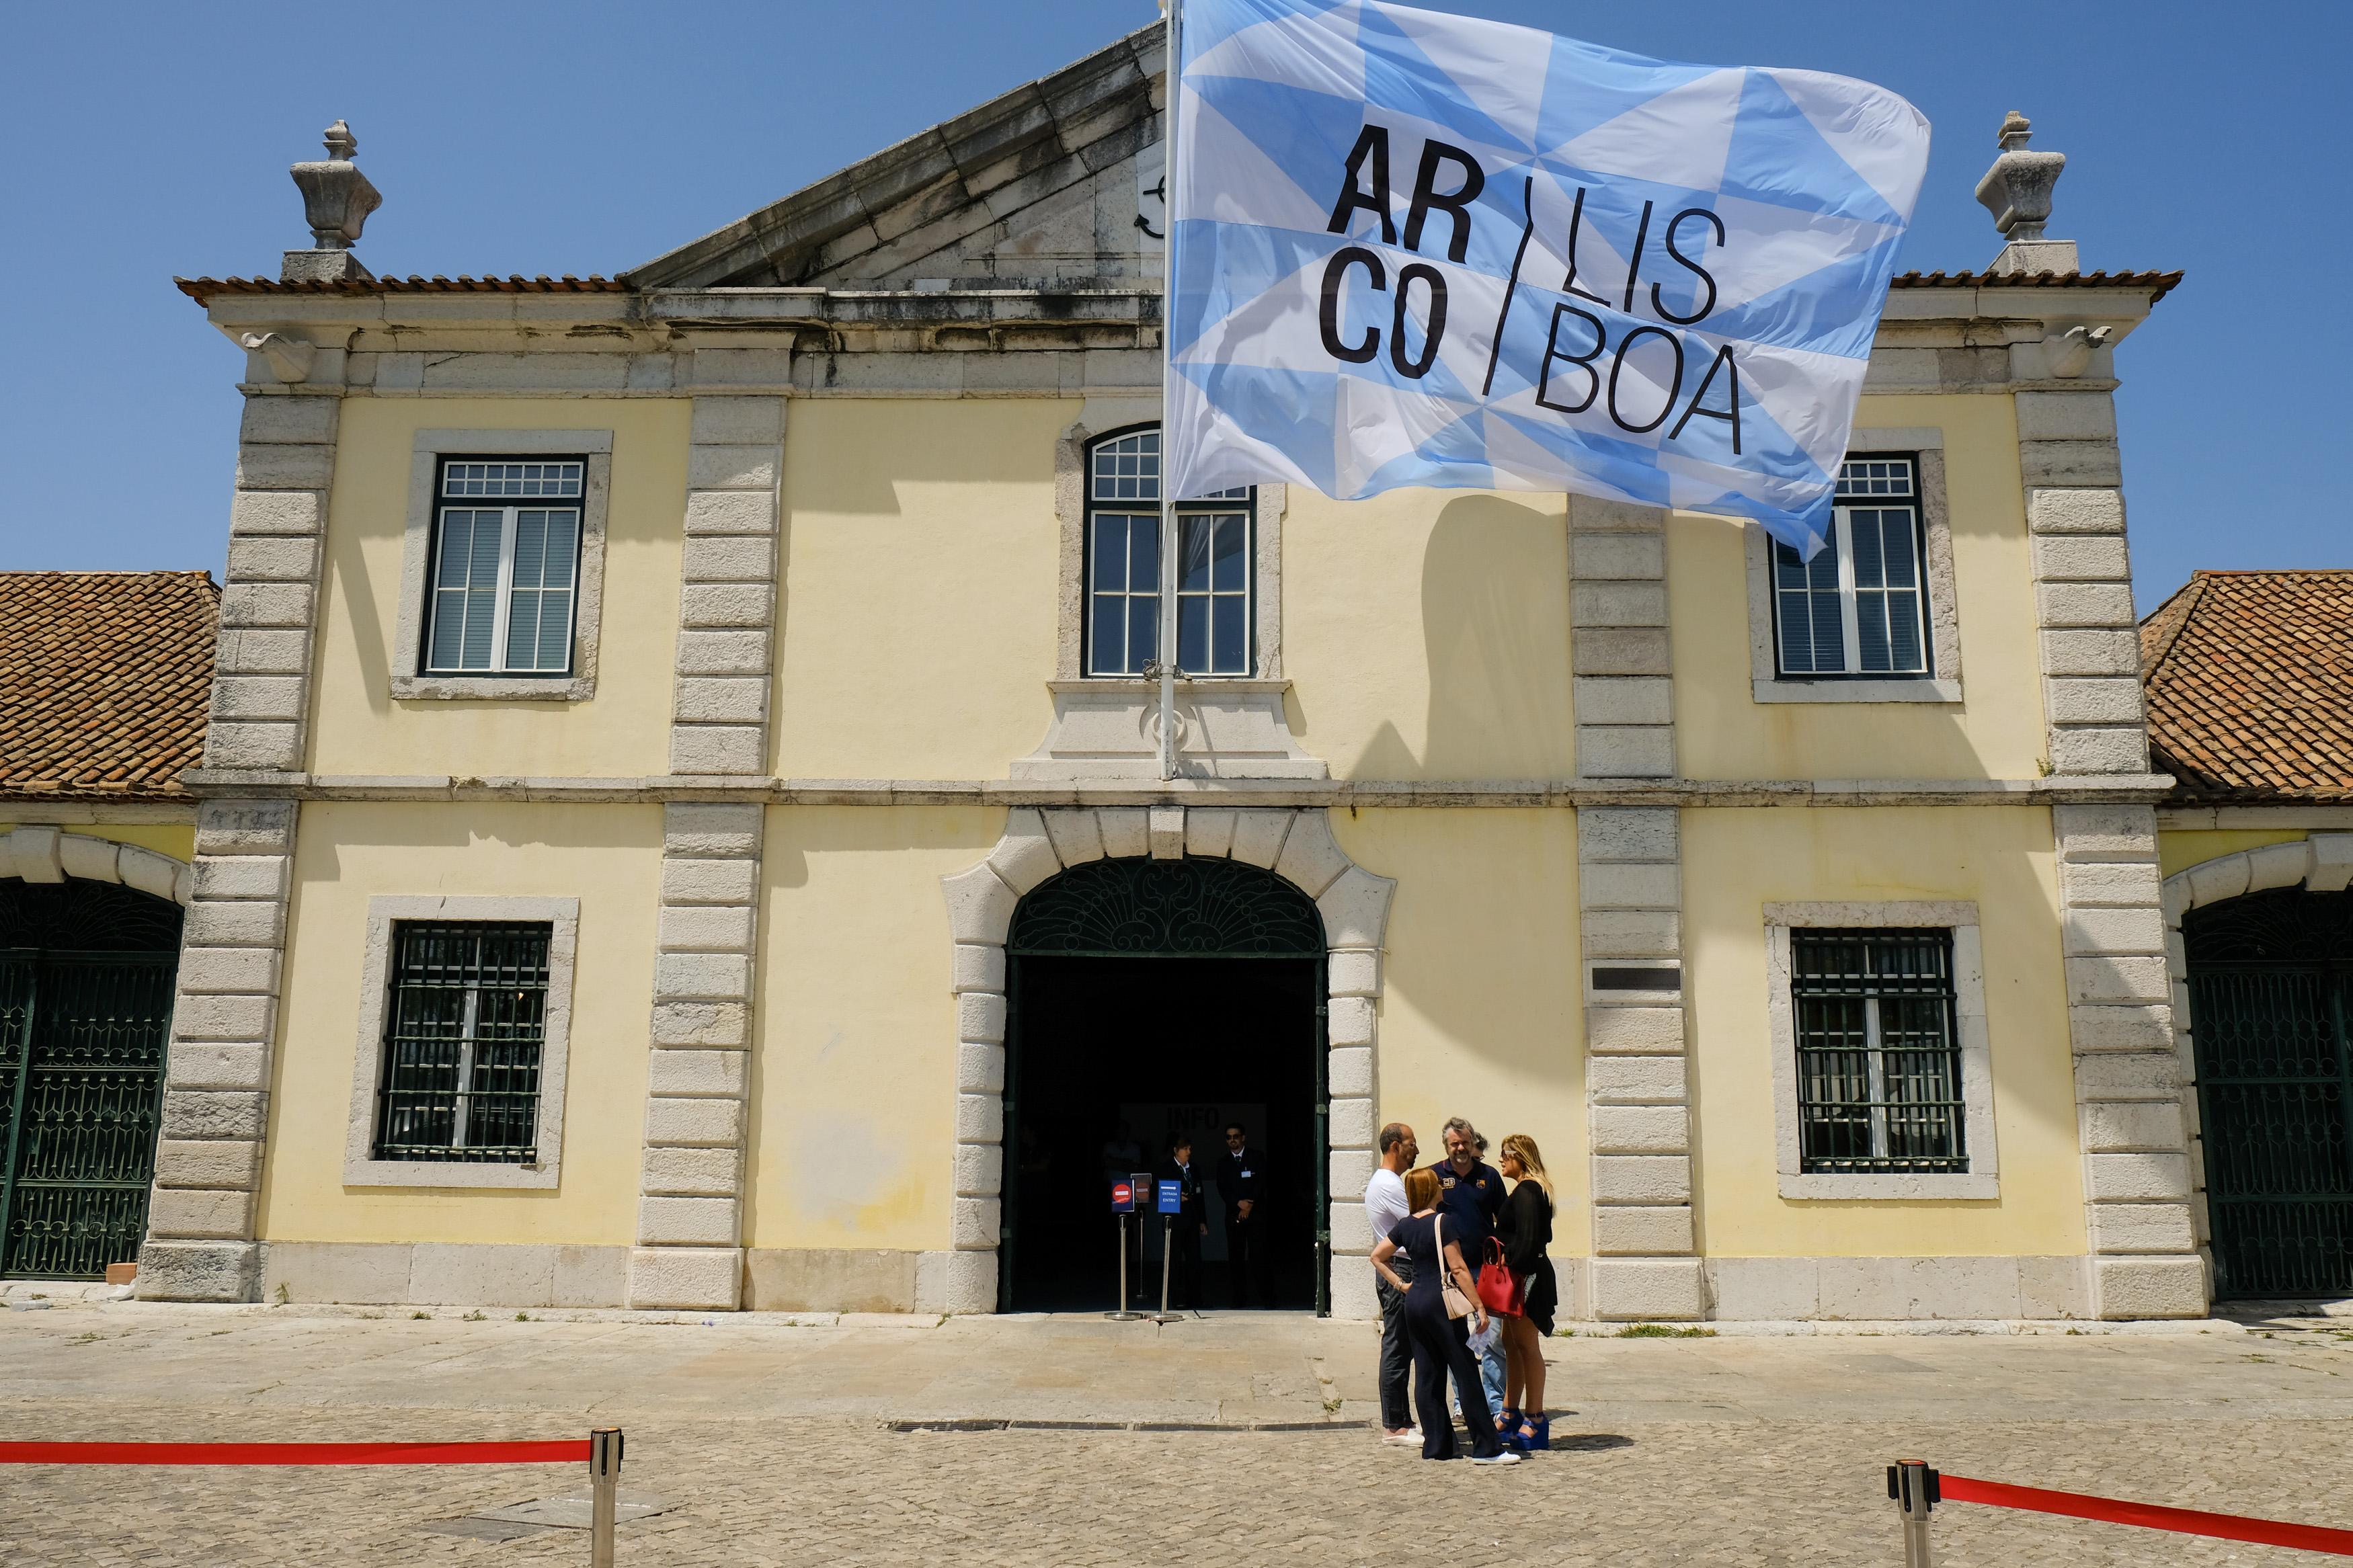 Entrada da ARCOlisboa 2017, no edifício da Cordoaria Nacional (Foto: Divulgação ARCOlisboa)